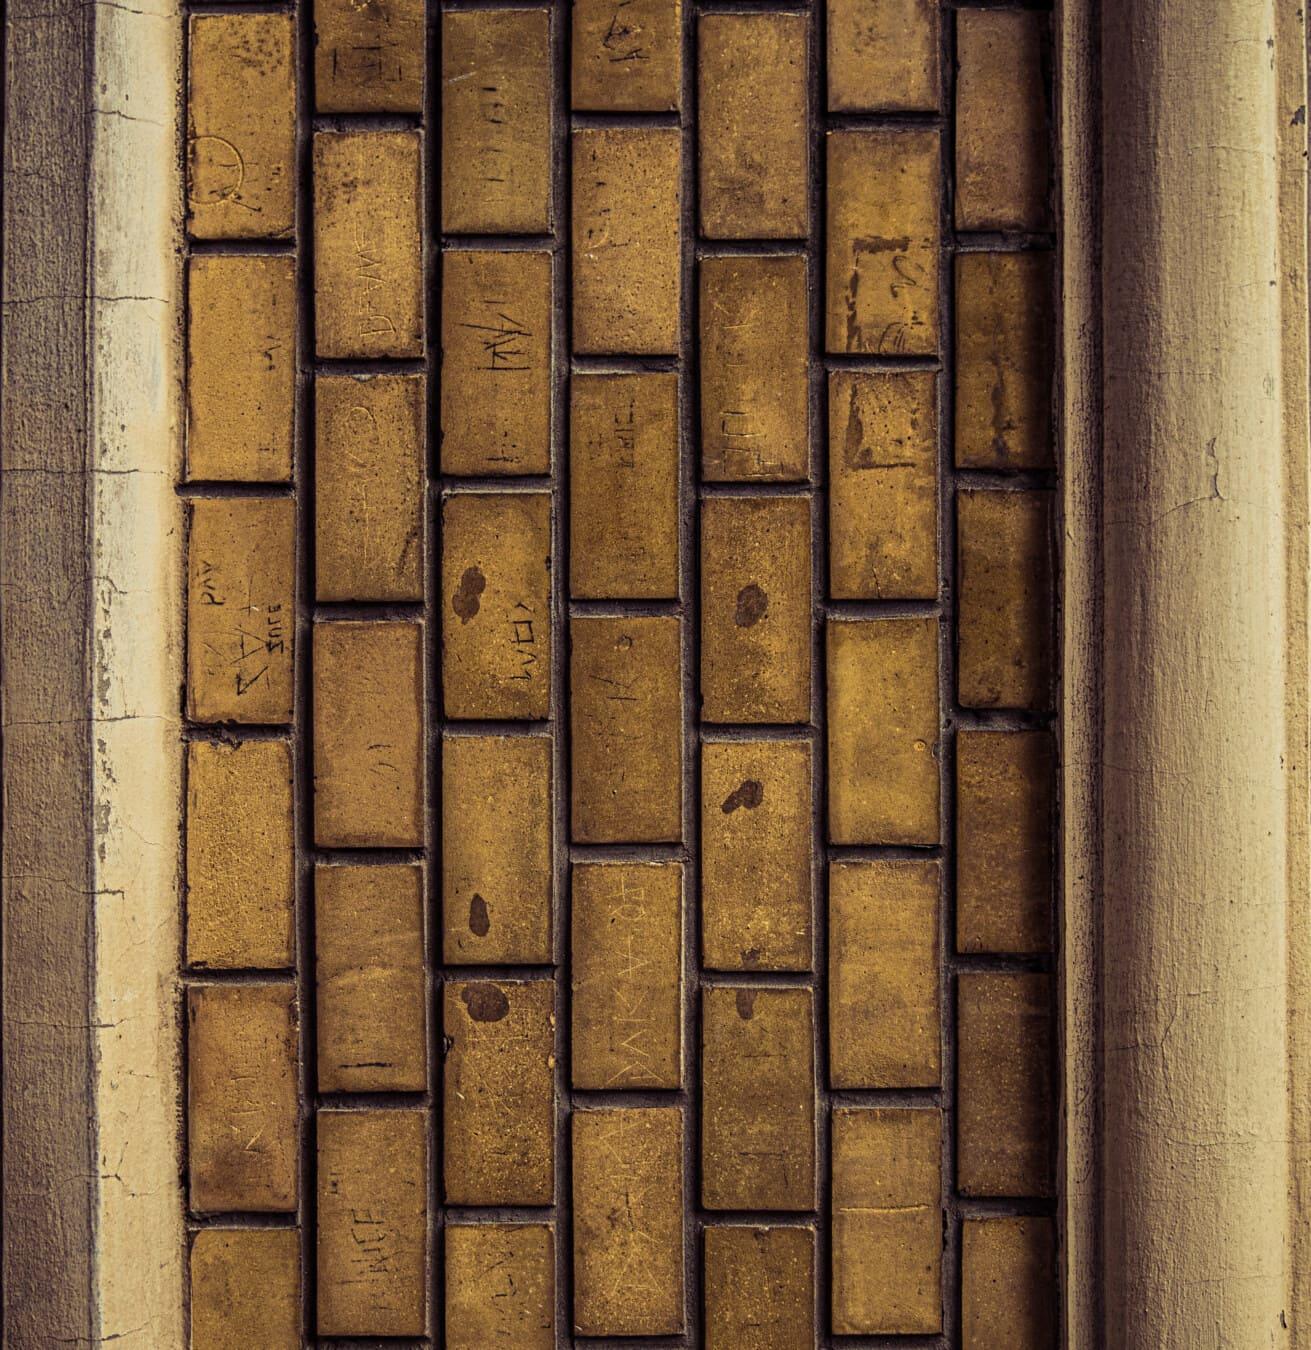 vertical, briques, Grunge, maçonnerie, béton, mortier, vieux, mur, texture, brique